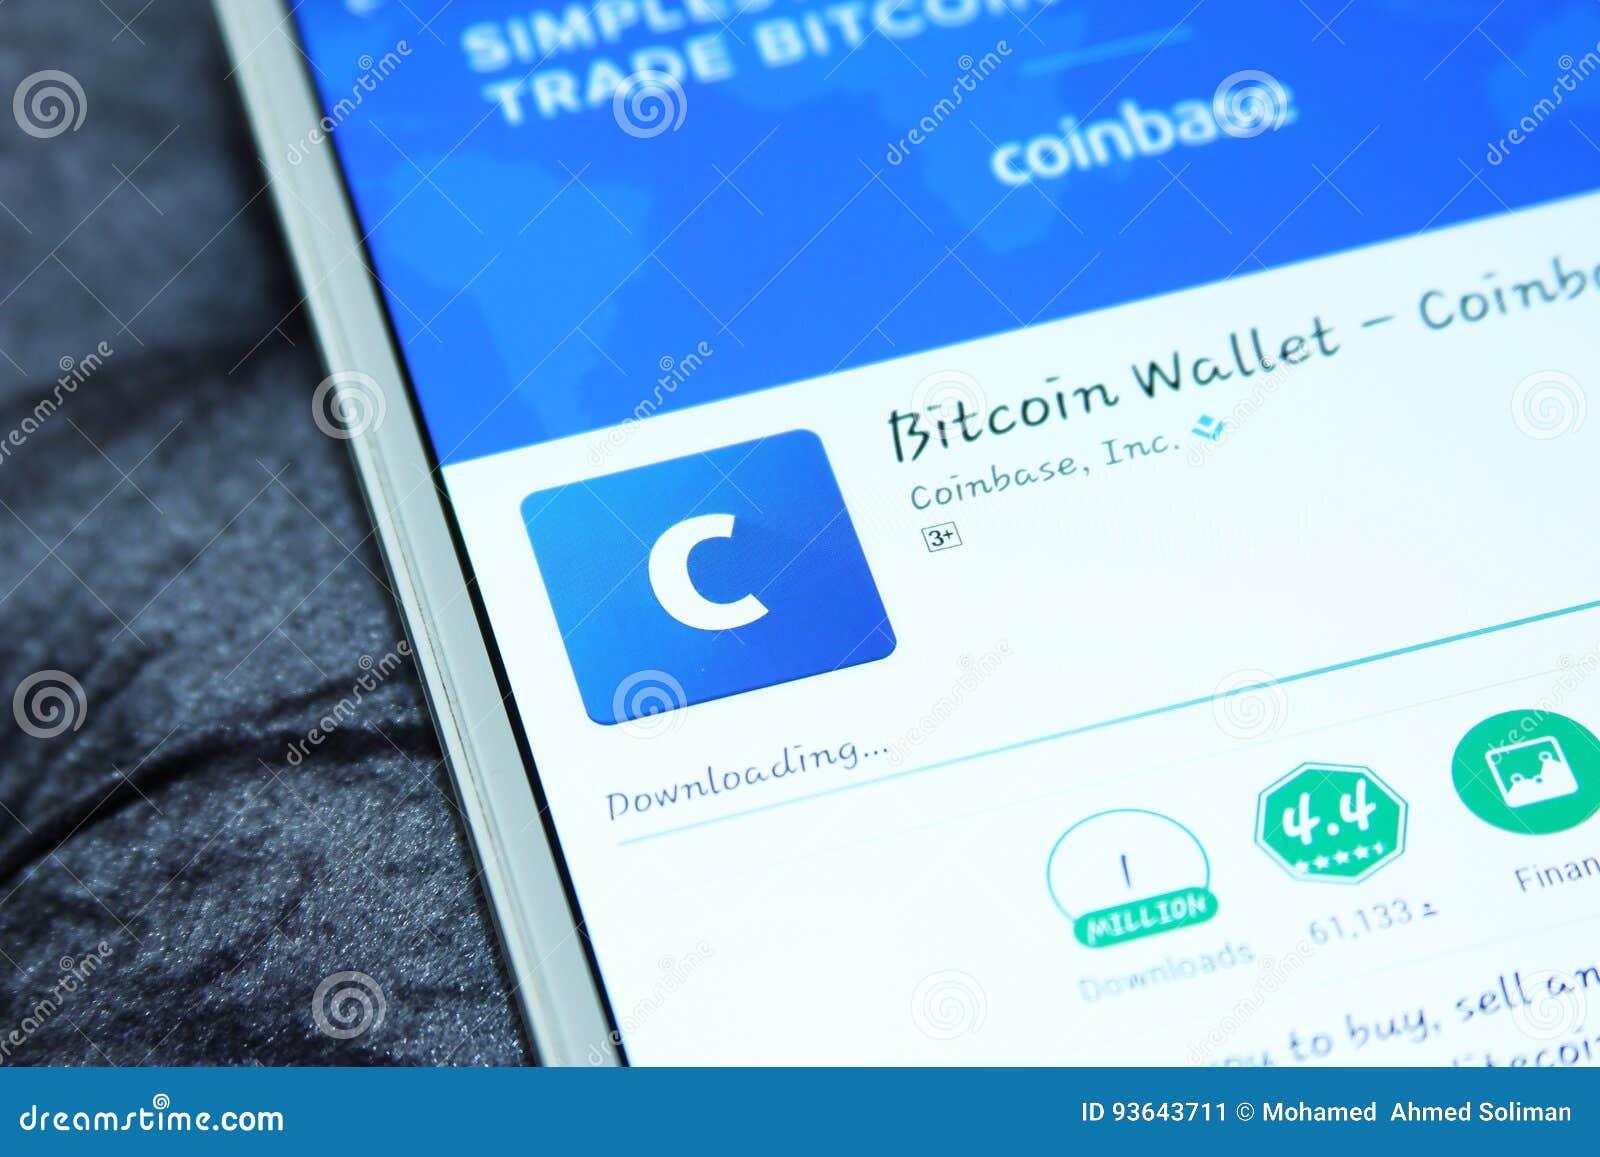 coinbase wallet google play